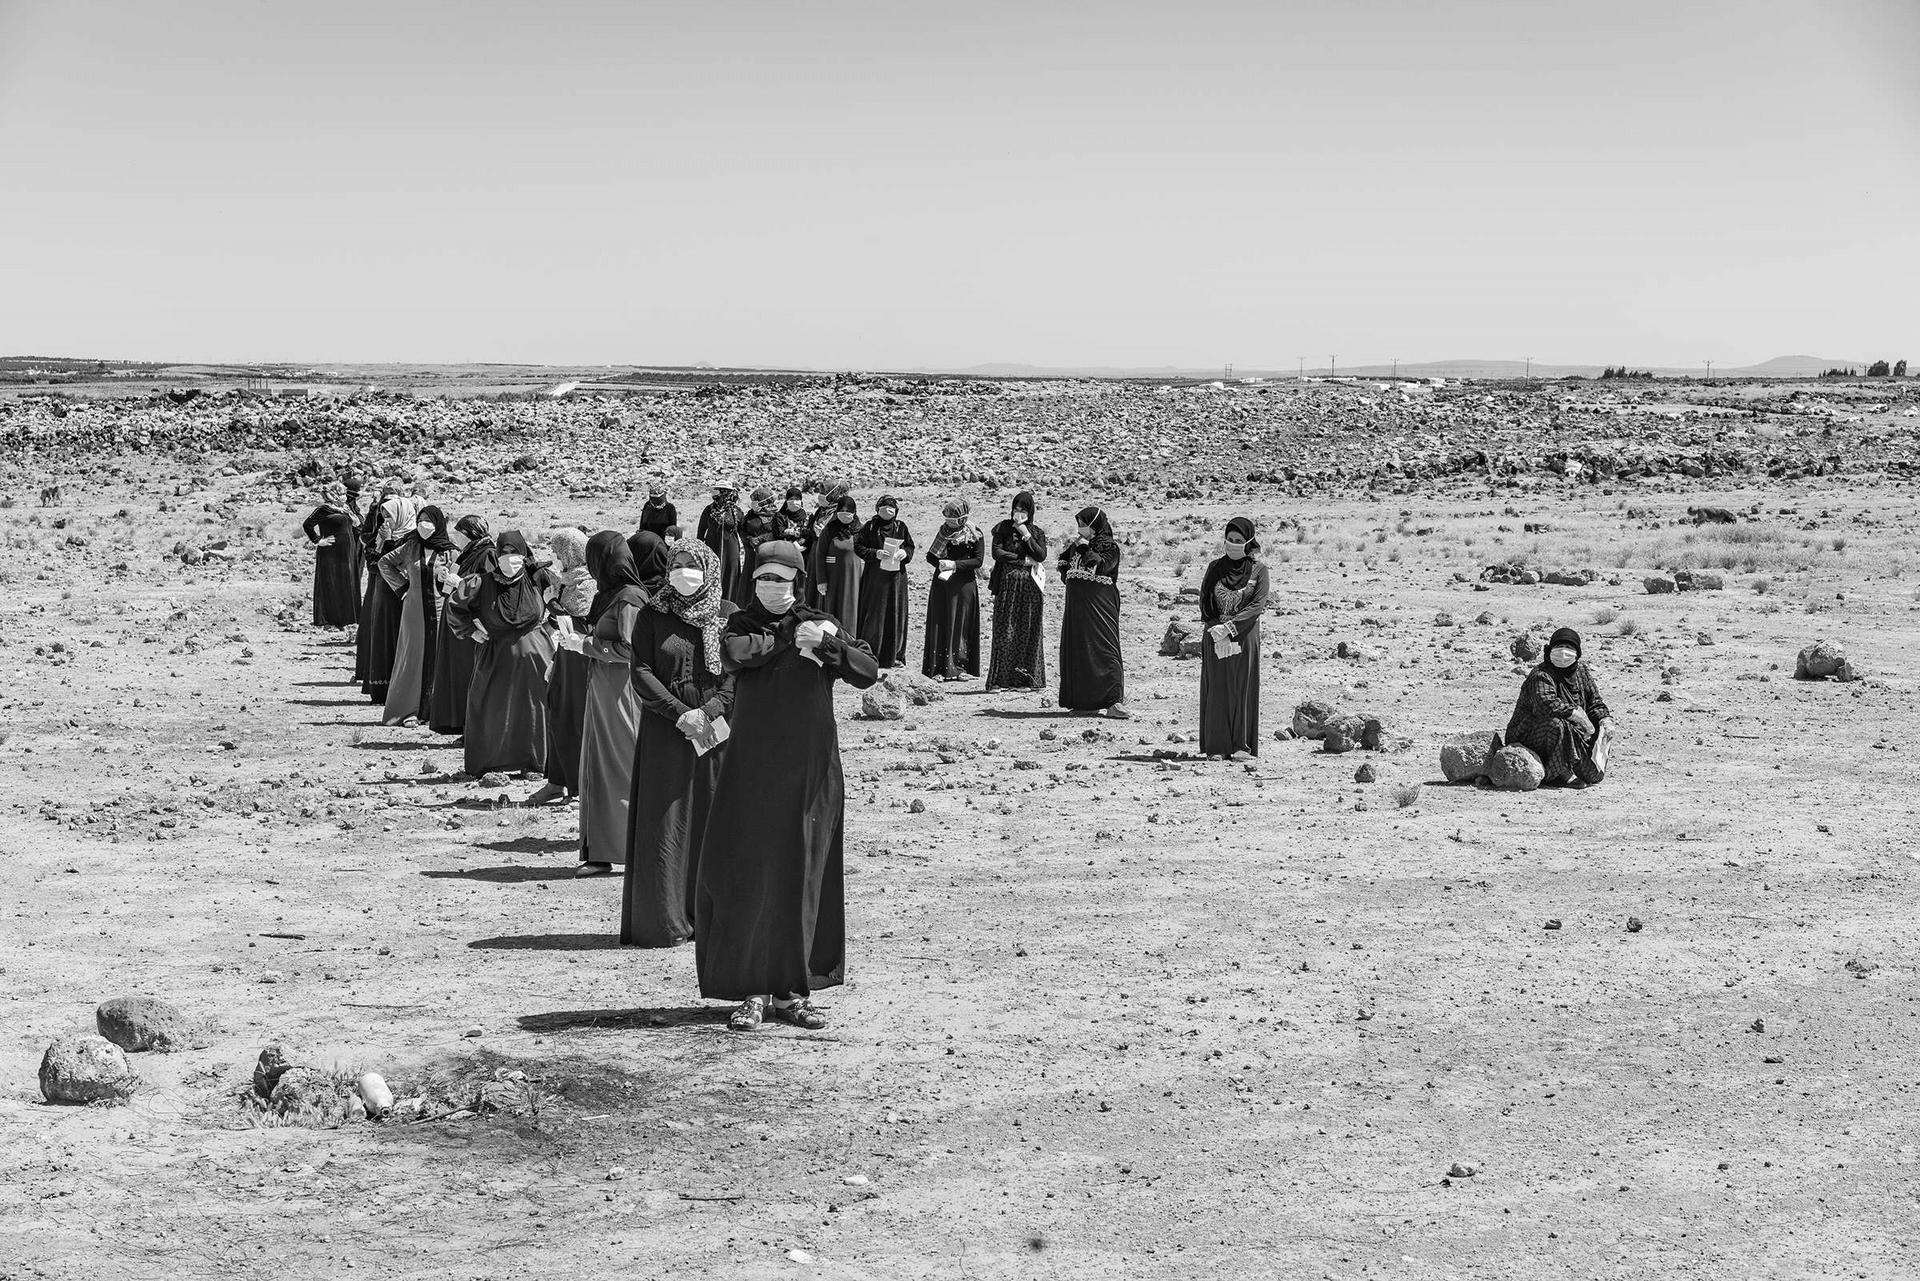 敘利亞難民婦女在沙漠中保持適當距離排隊,等待領取聯合國兒童基金會的捐贈物資,包括衛生用品和其他必需品。她們和家人住在麥夫拉格郊外的帳篷營地;數十萬其他難民住在特殊營地或是都市社區。在那些較為擁擠的區域,保持社交距離是遙不可及的奢侈。攝影:摩伊西斯.薩曼 MOISES SAMAN